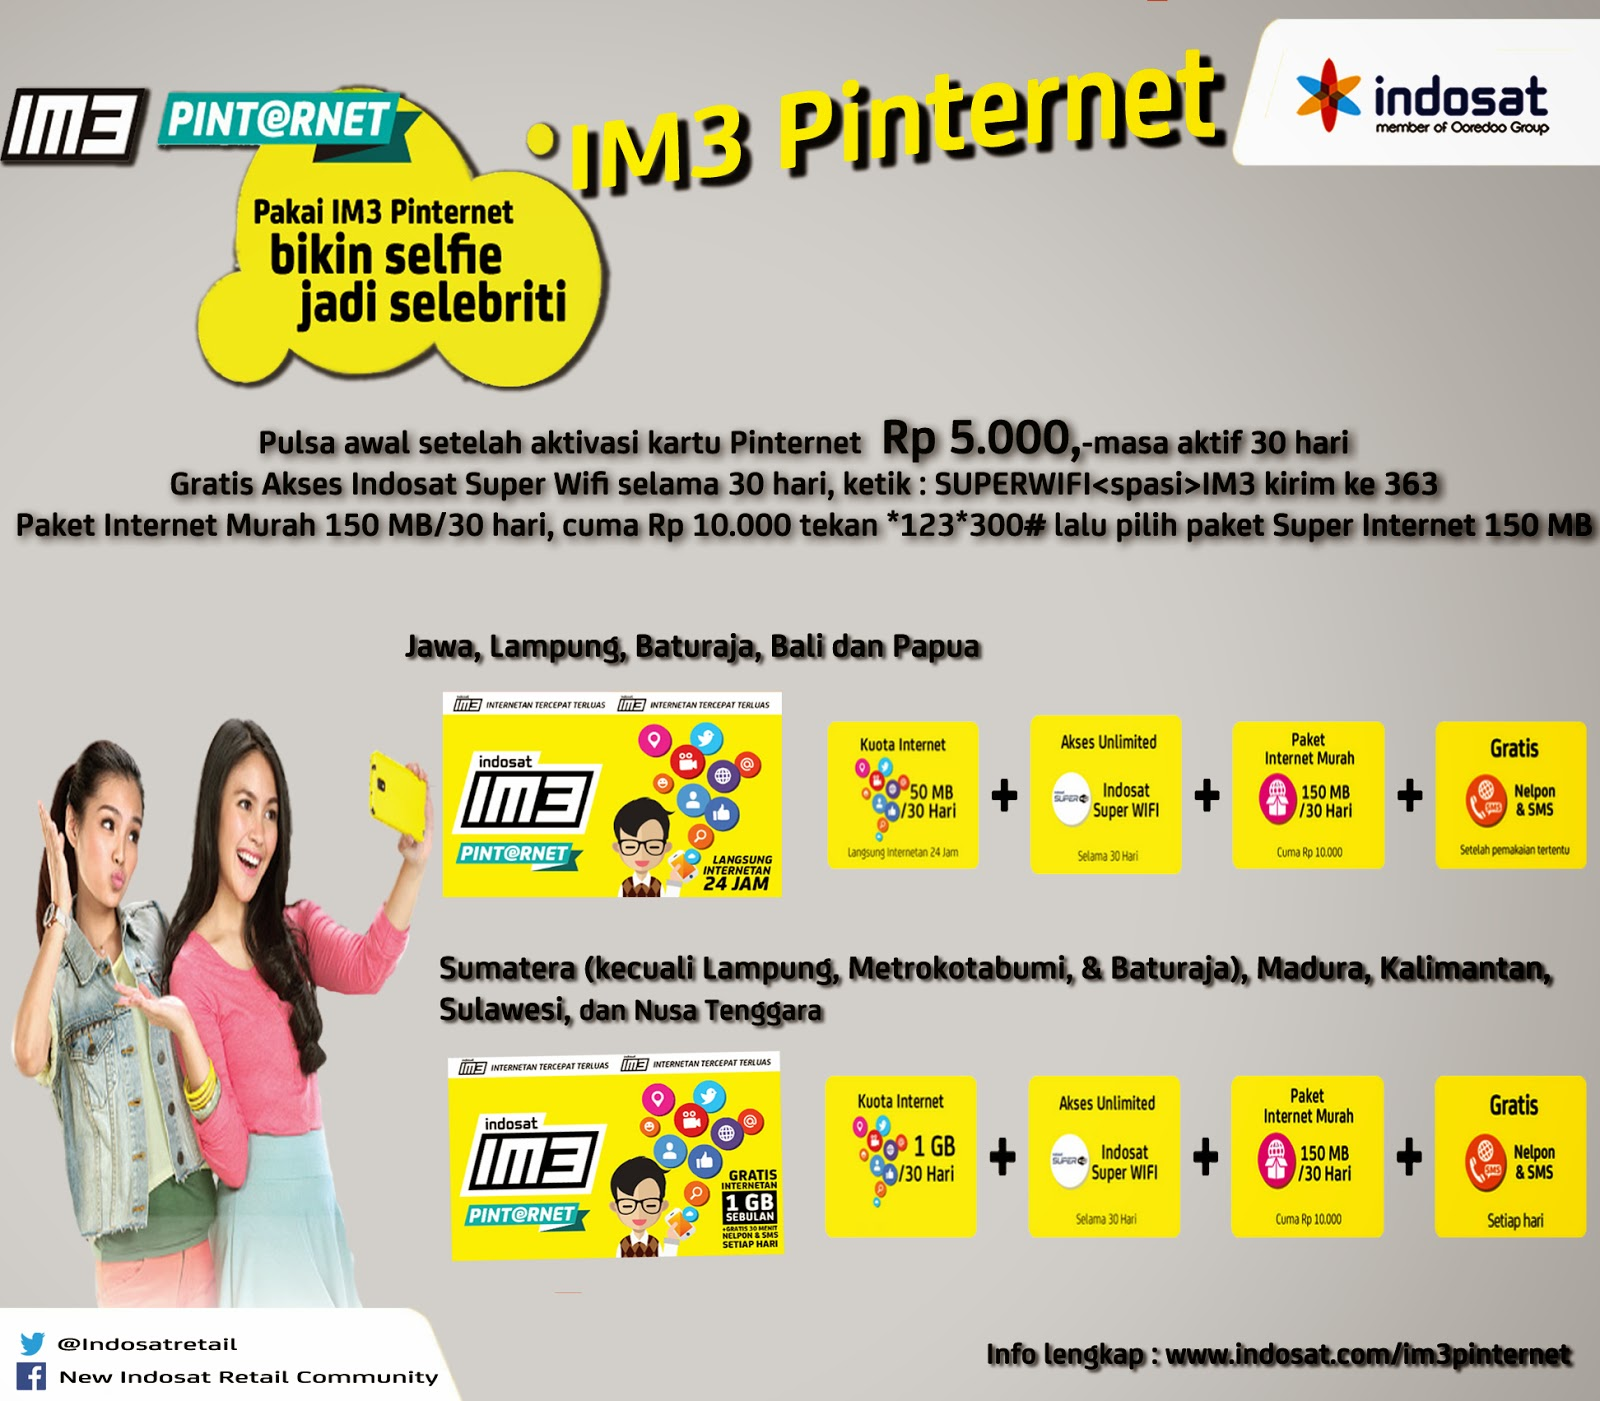 IM3 Pinternet